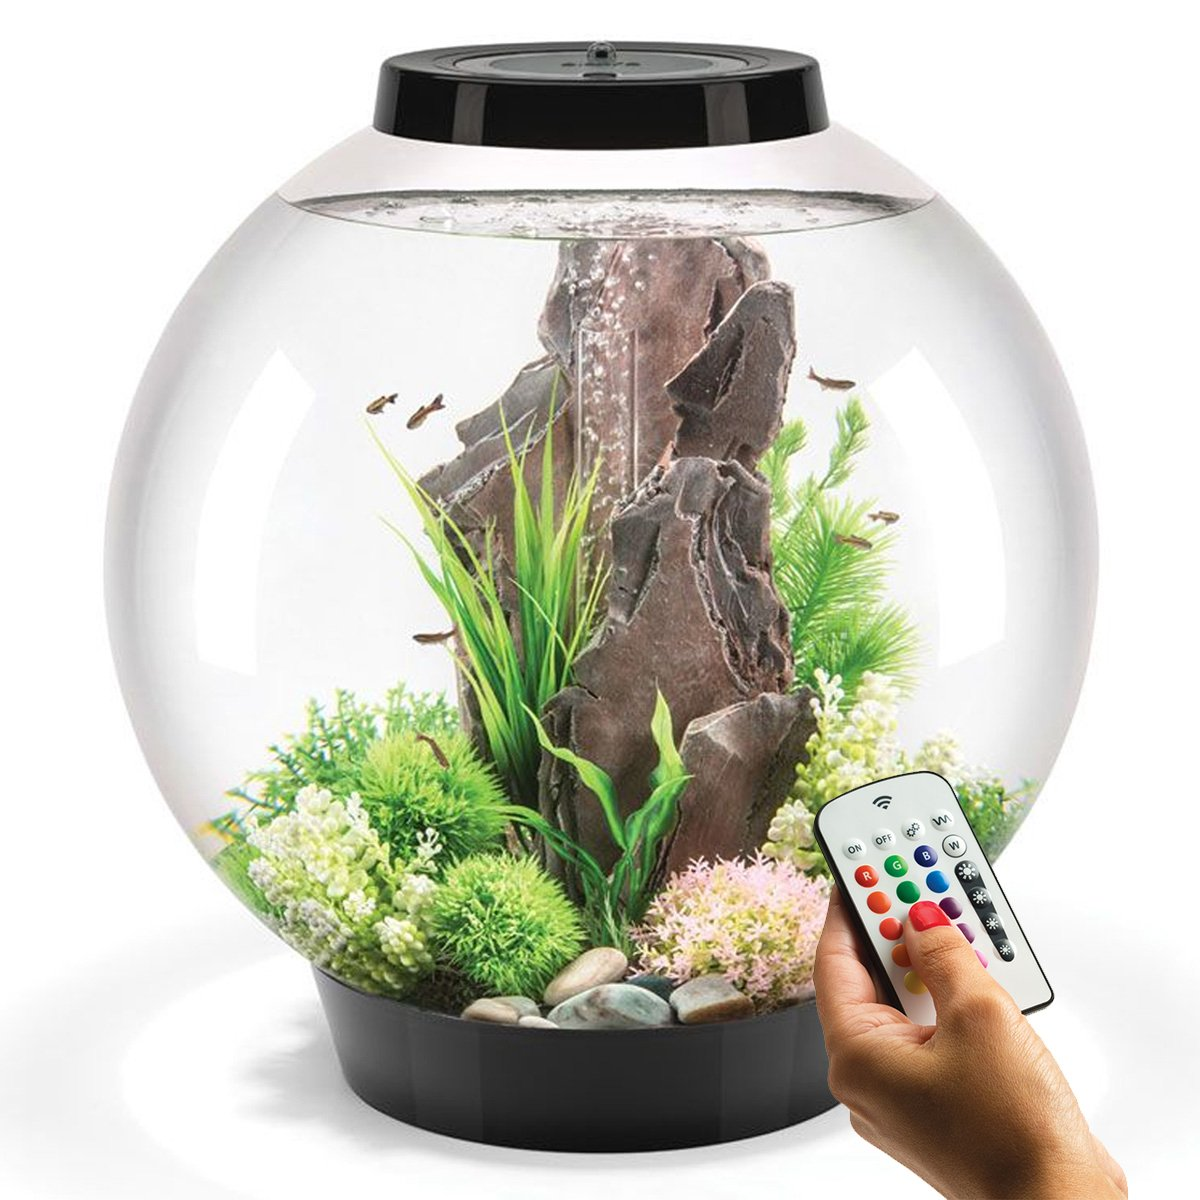 BiOrb Classic 60L Aquarium in Black with MCR LED Lighting